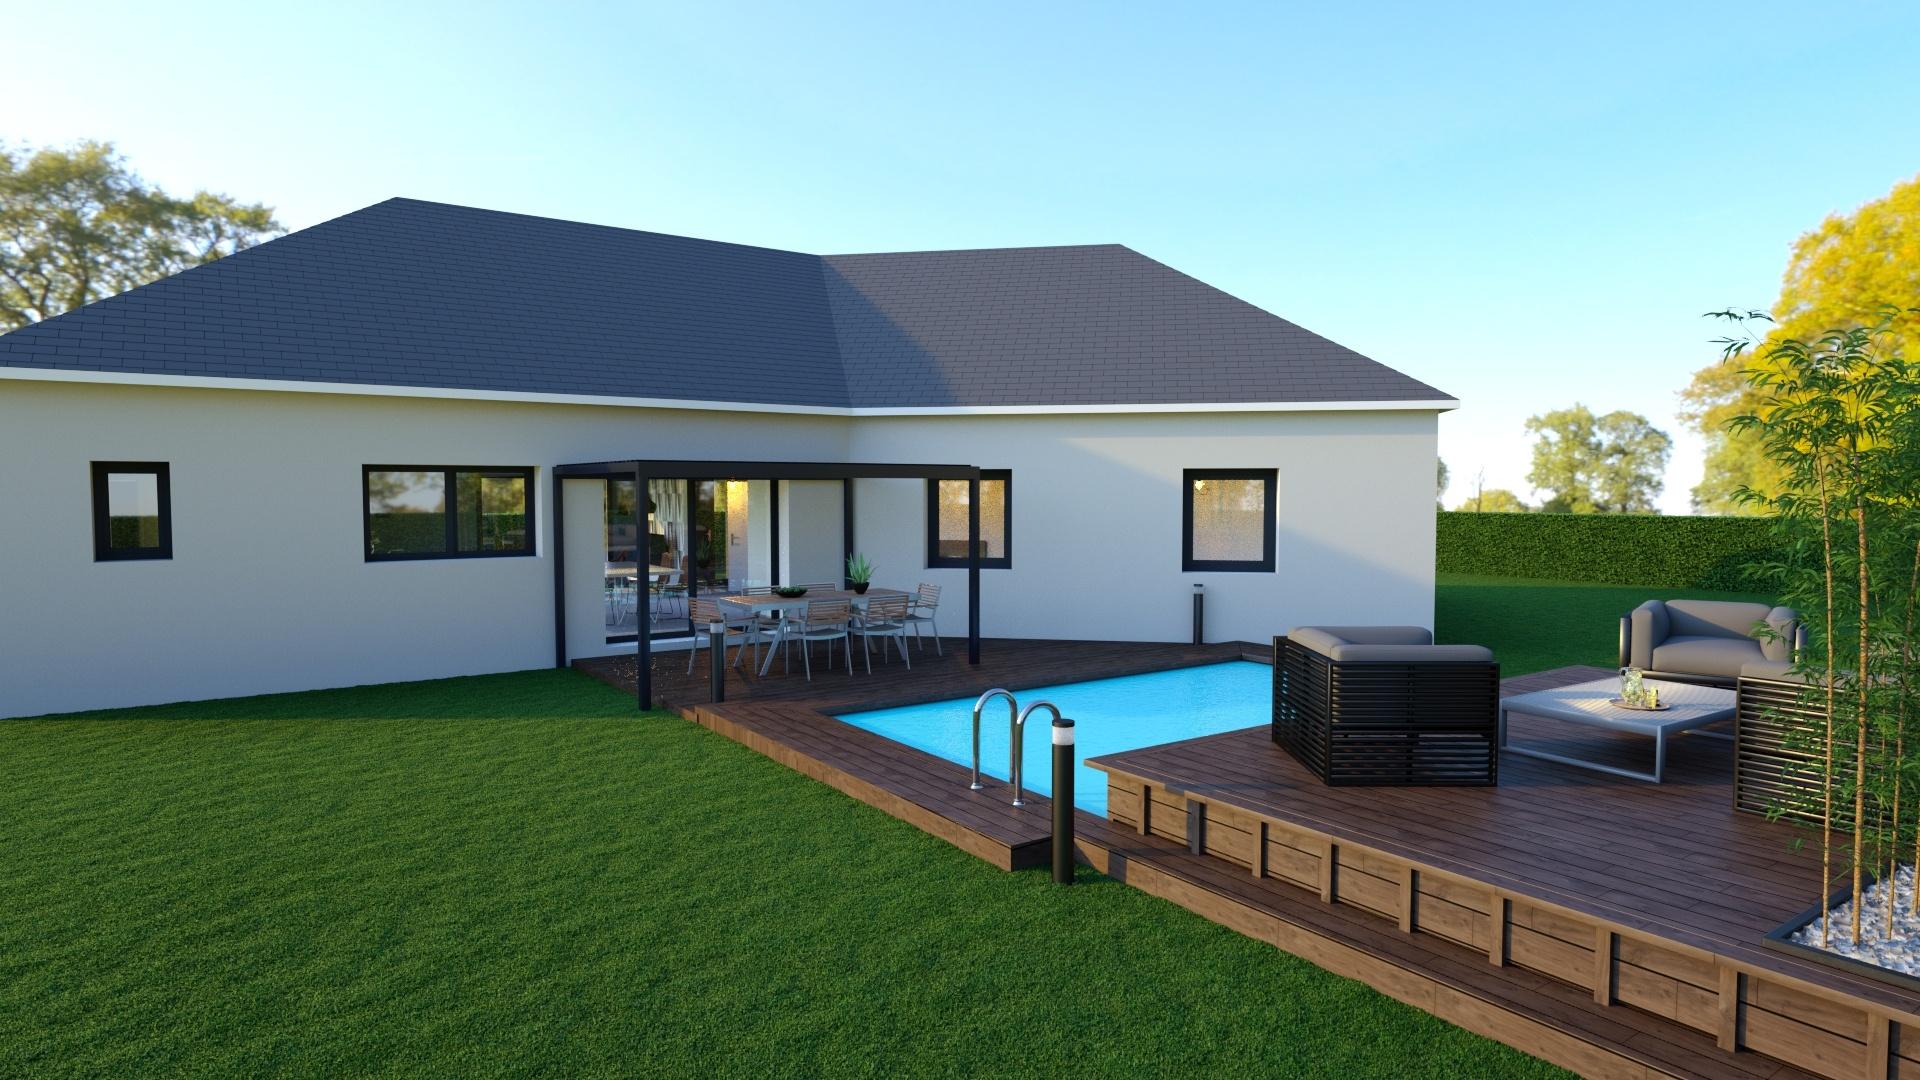 Maisons + Terrains du constructeur GEOXIA NORD OUEST • 125 m² • BOOS